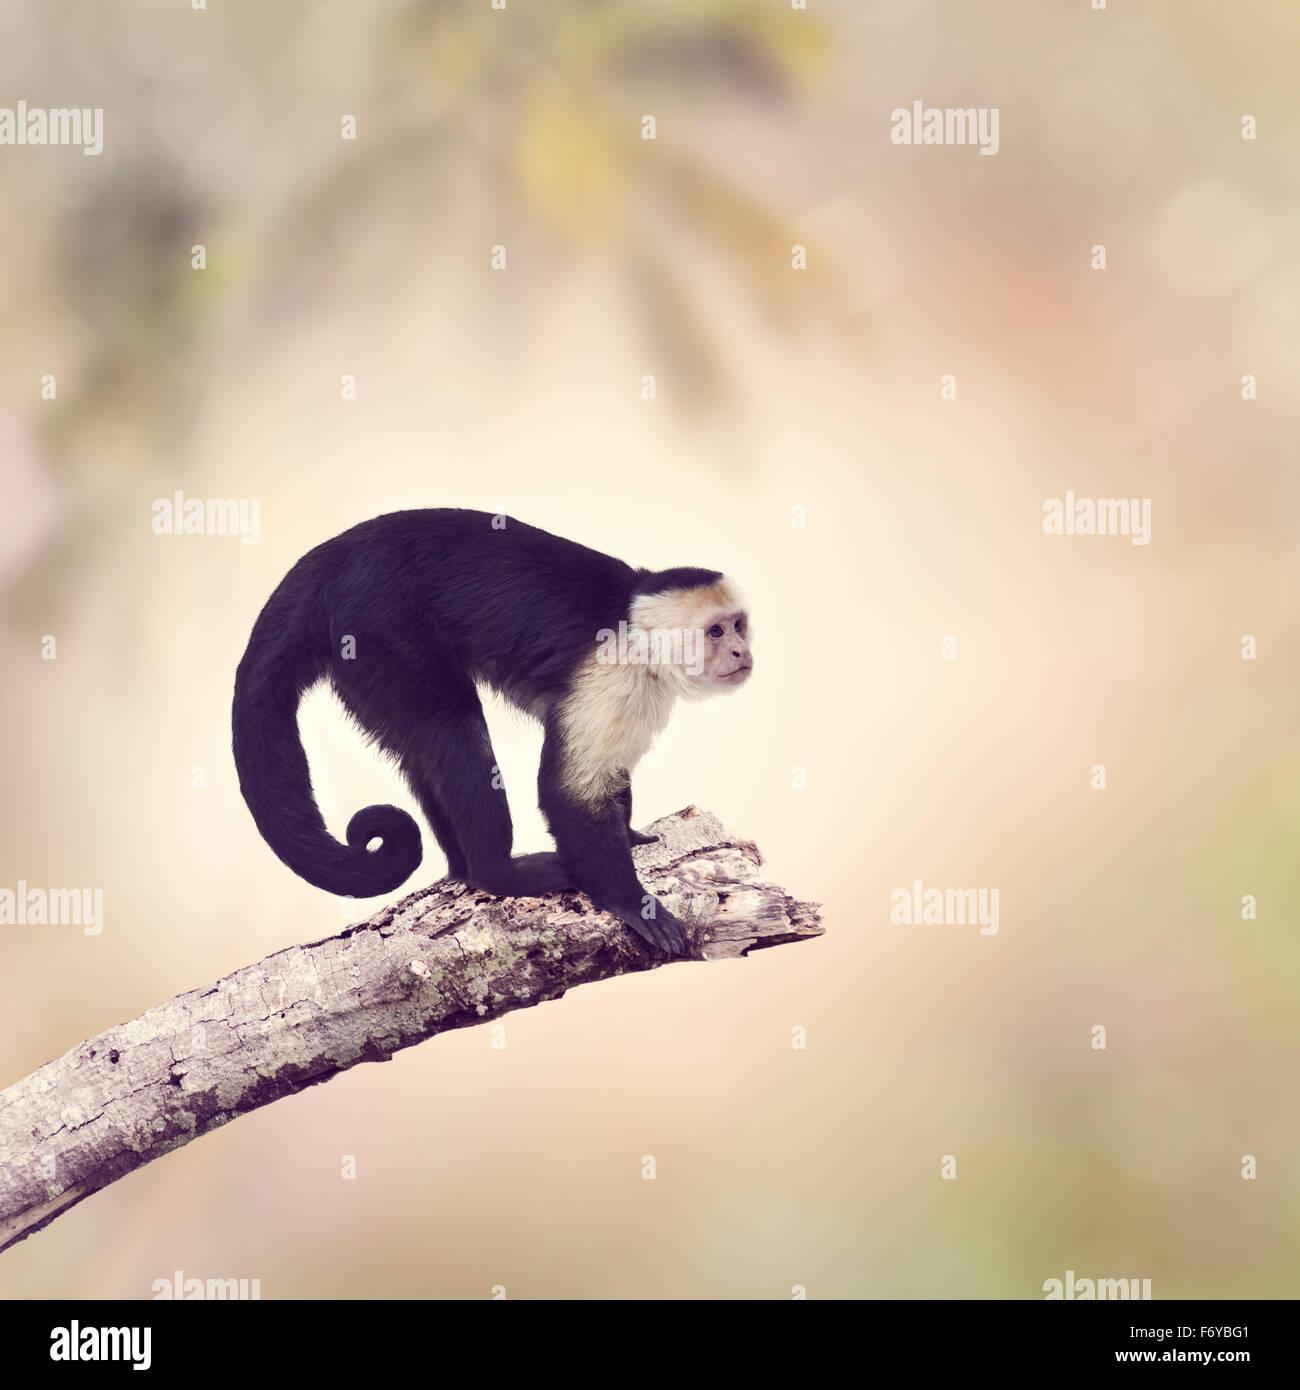 Singe capucin à gorge blanche sur une branche Photo Stock